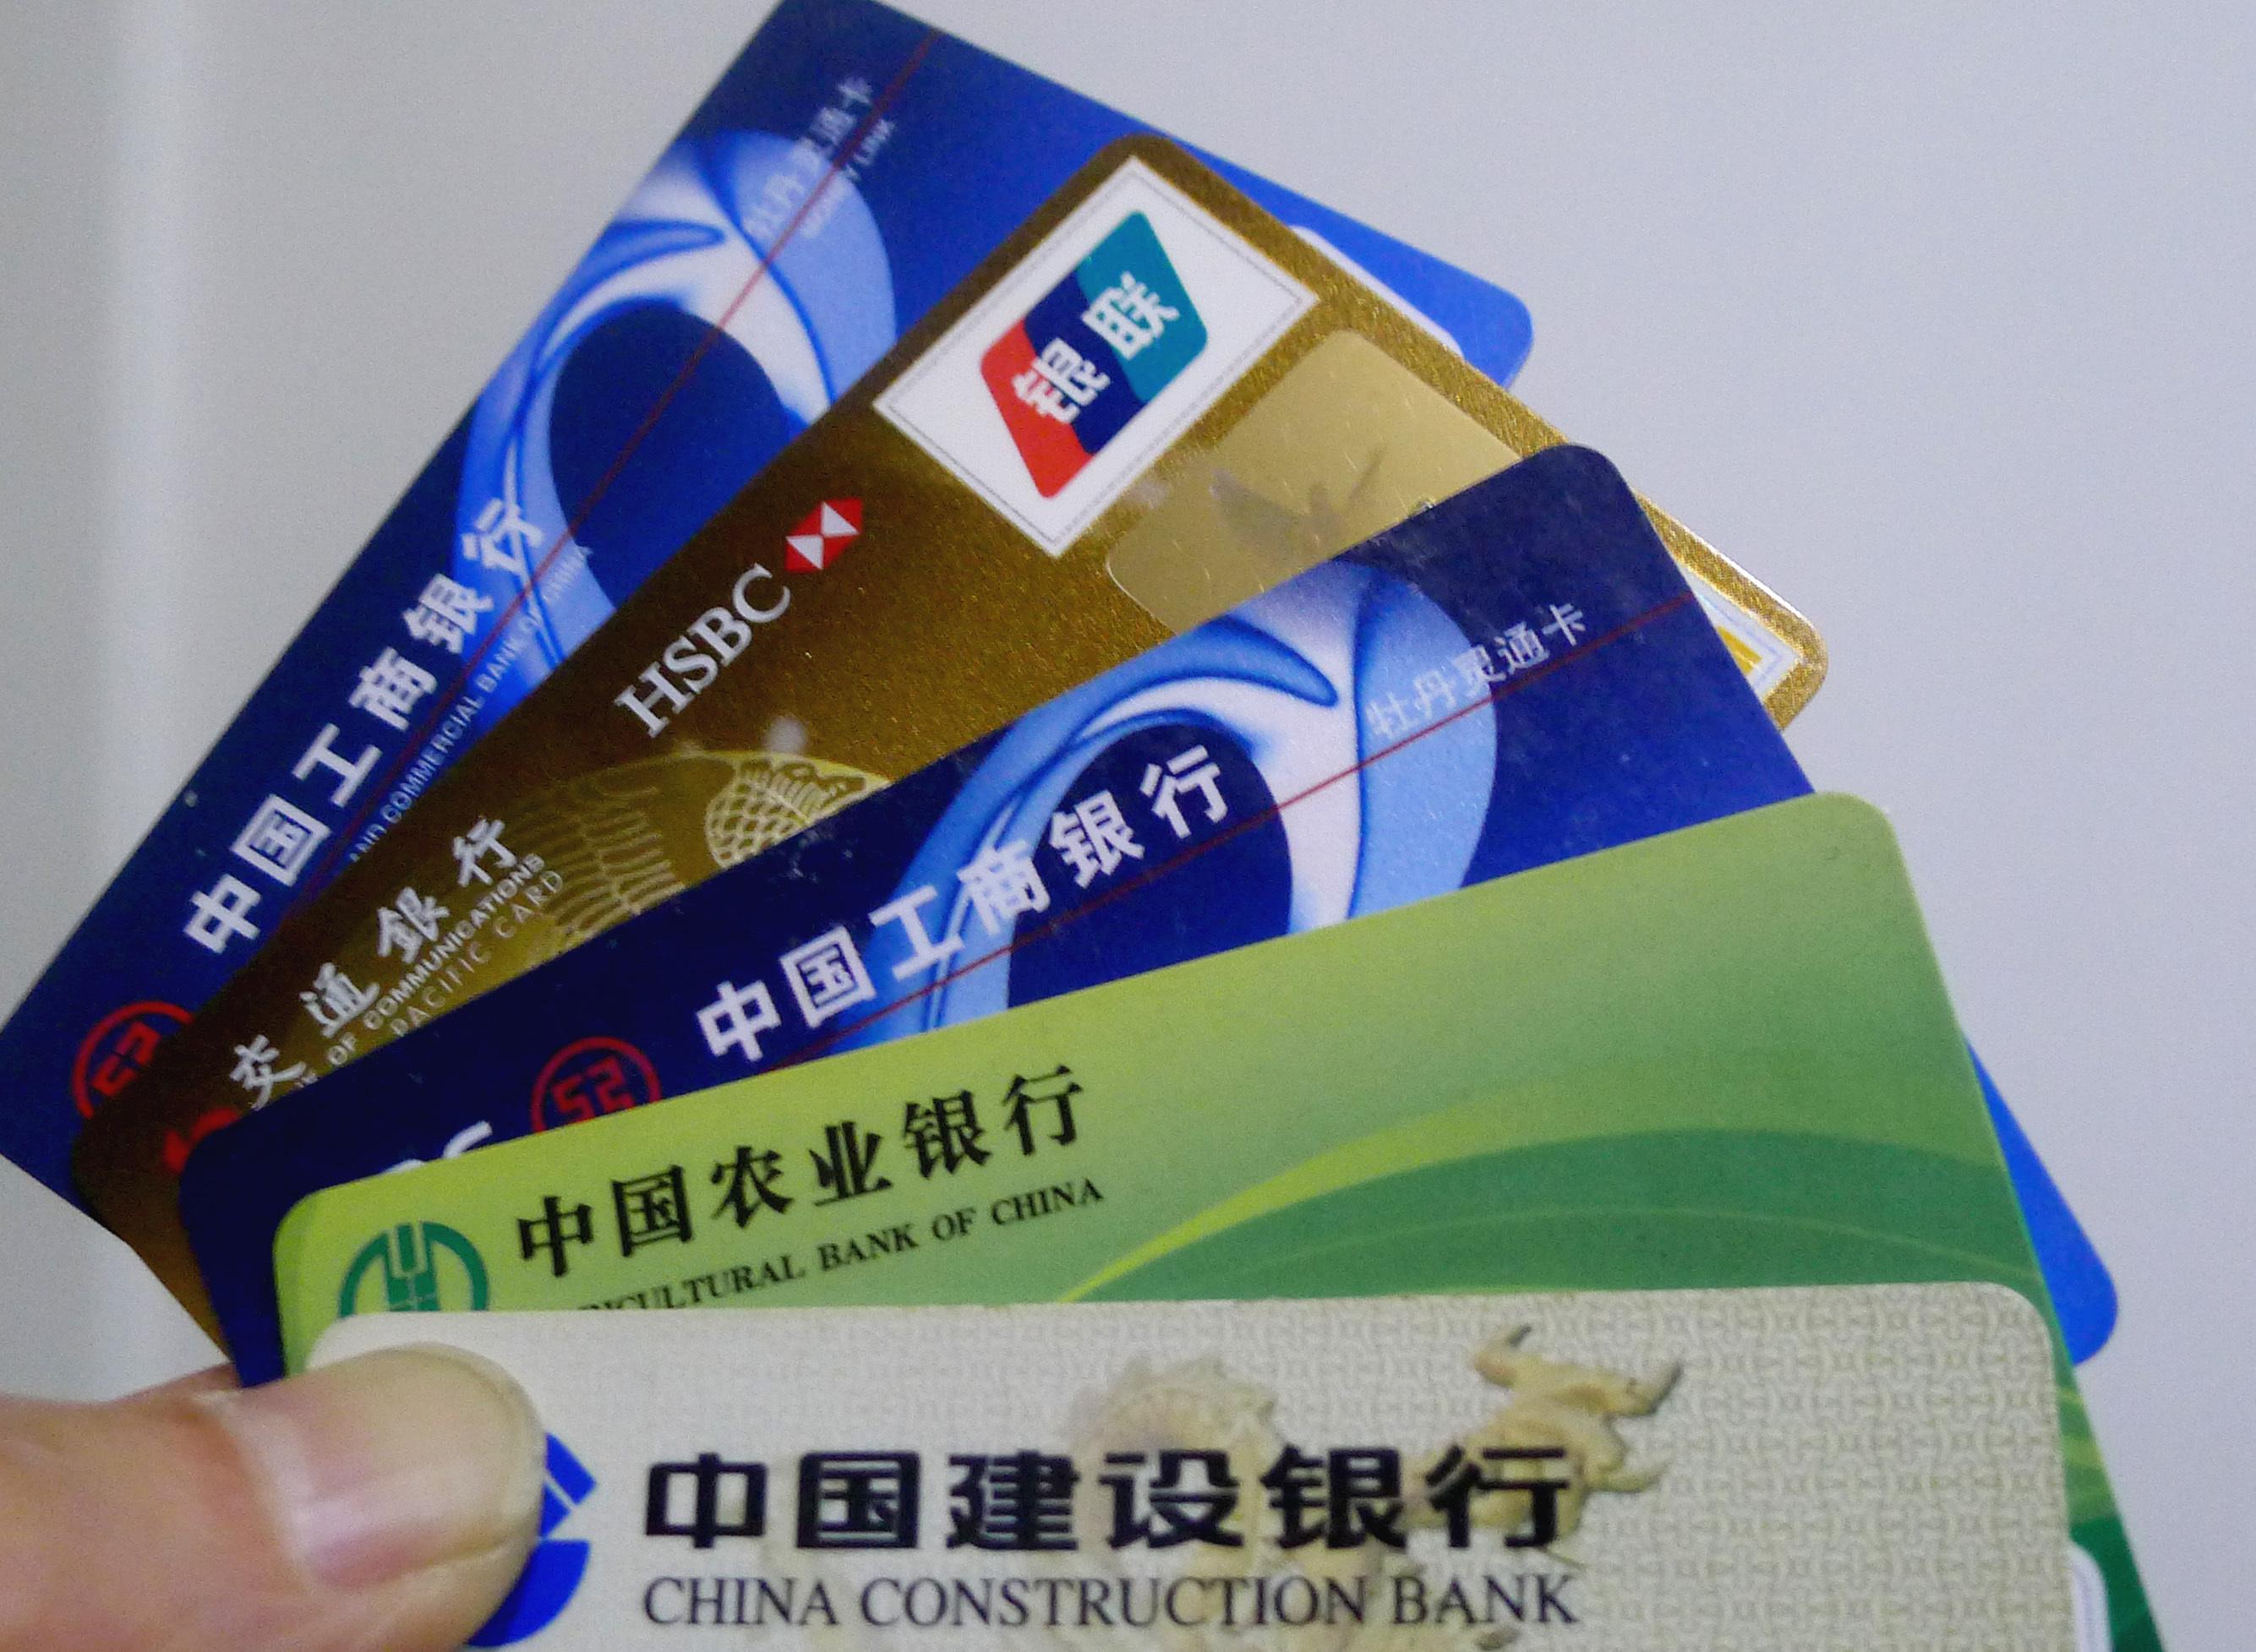 又一提额有效大法:用信用卡20%额度的钱还清整个账单!